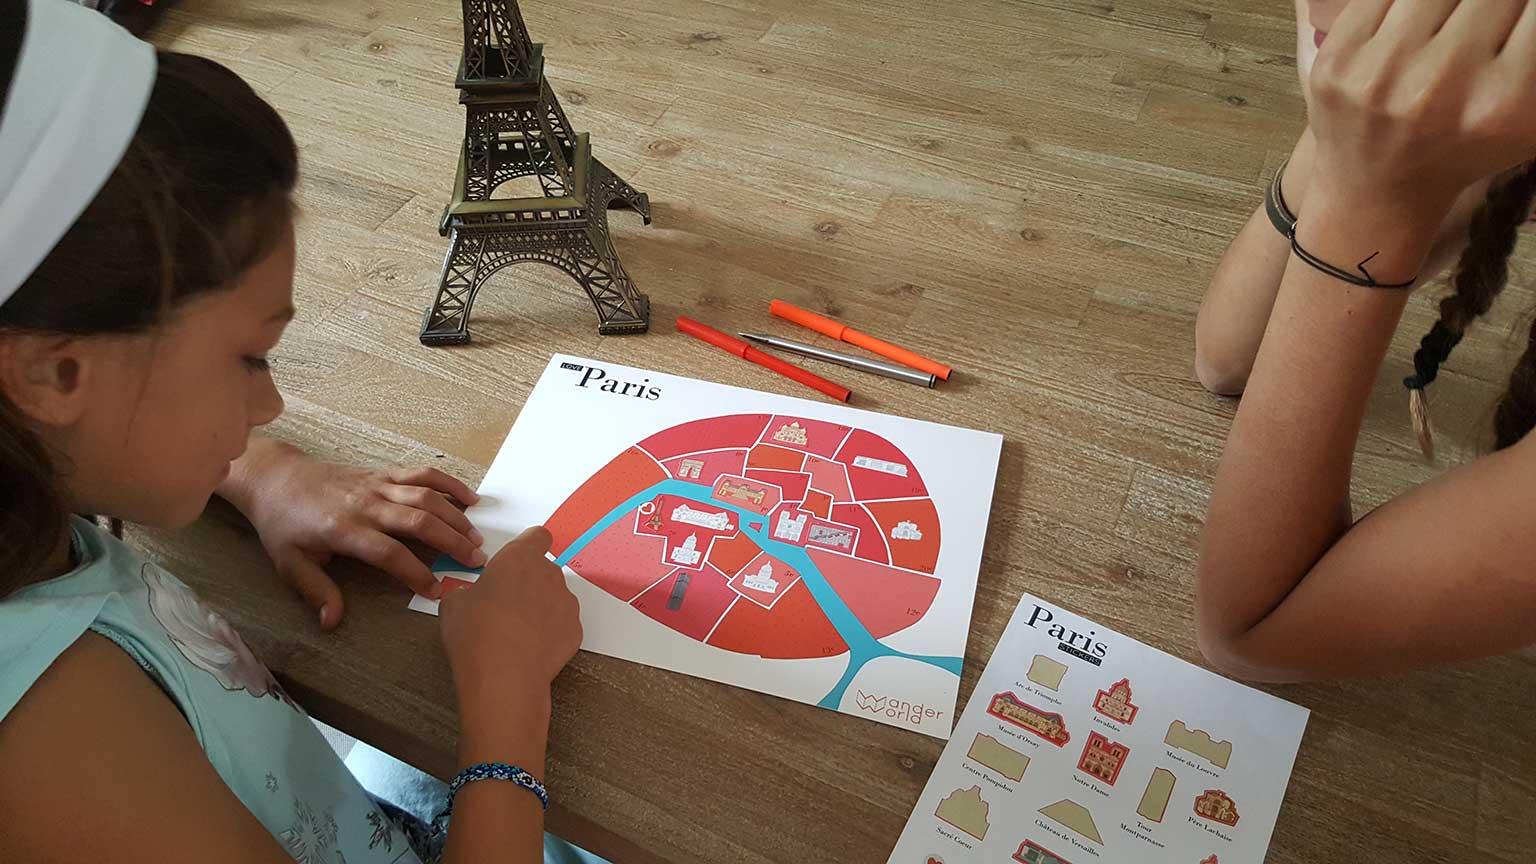 Comment donner le goût des visites culturelles aux enfants?